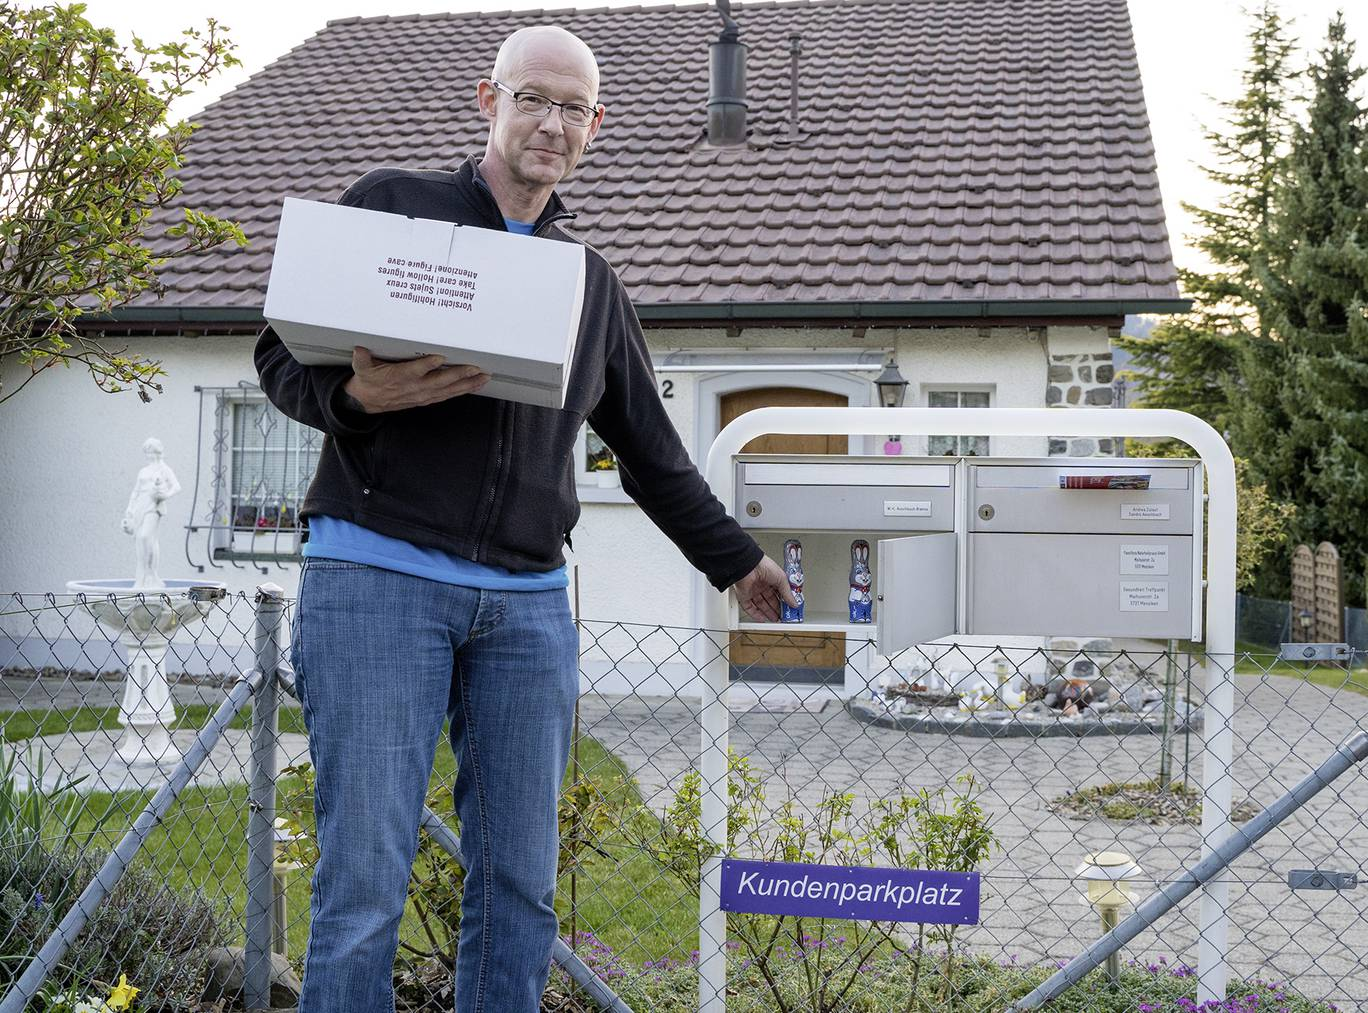 Nette Geste: Der Menziker Ammann Erich Bruderer verteilt Osterhasen im Rahmen von 975 Jahre Menziken.